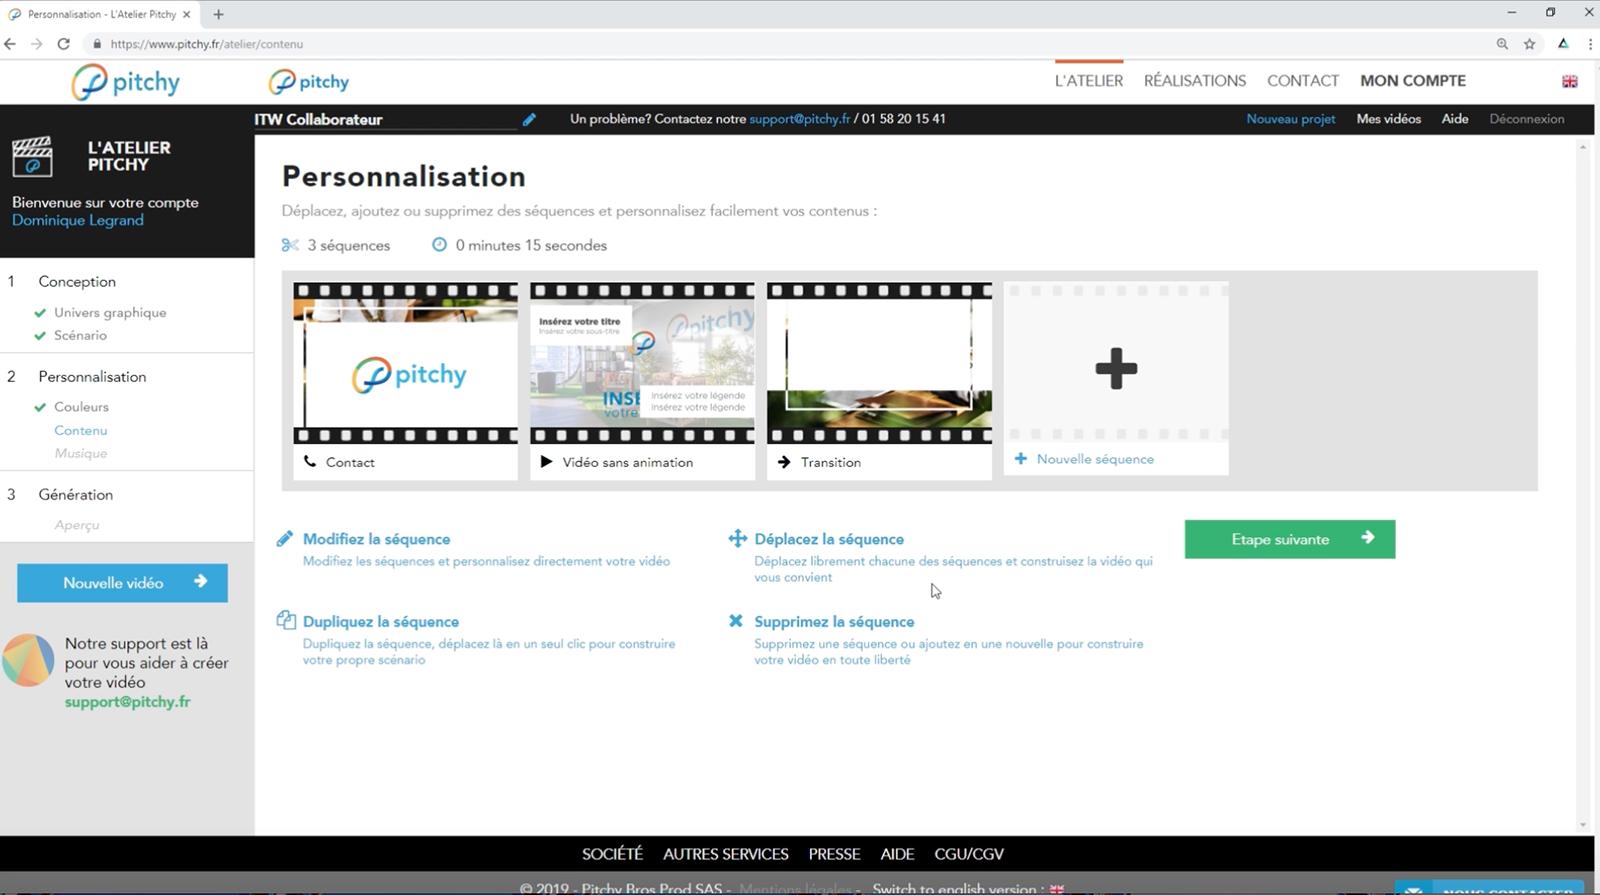 Chaque template possède une trentaine de séquences différentes à personnaliser